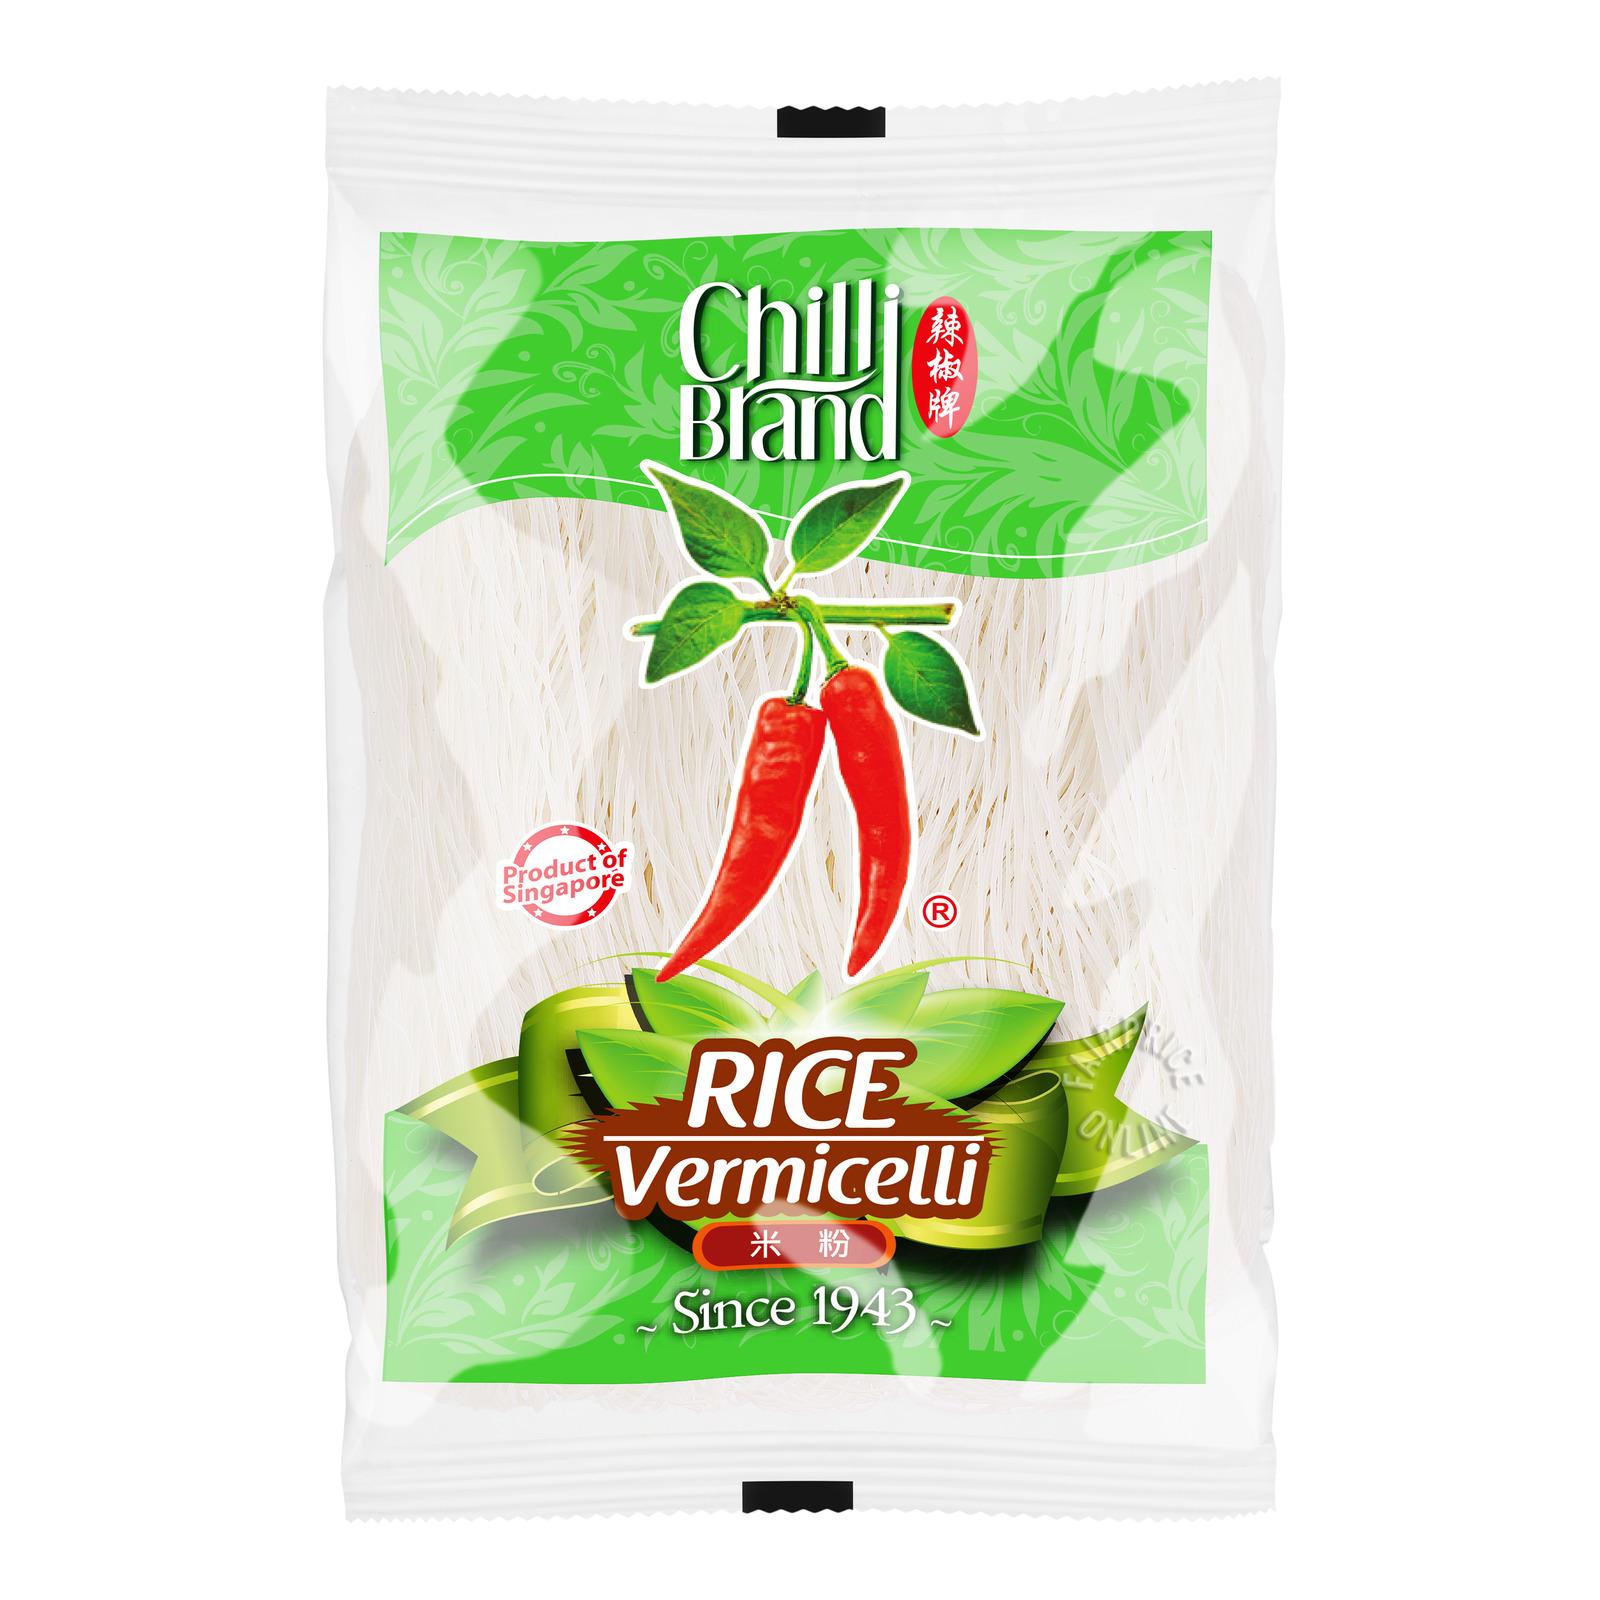 Chilli Brand Rice Vermicelli